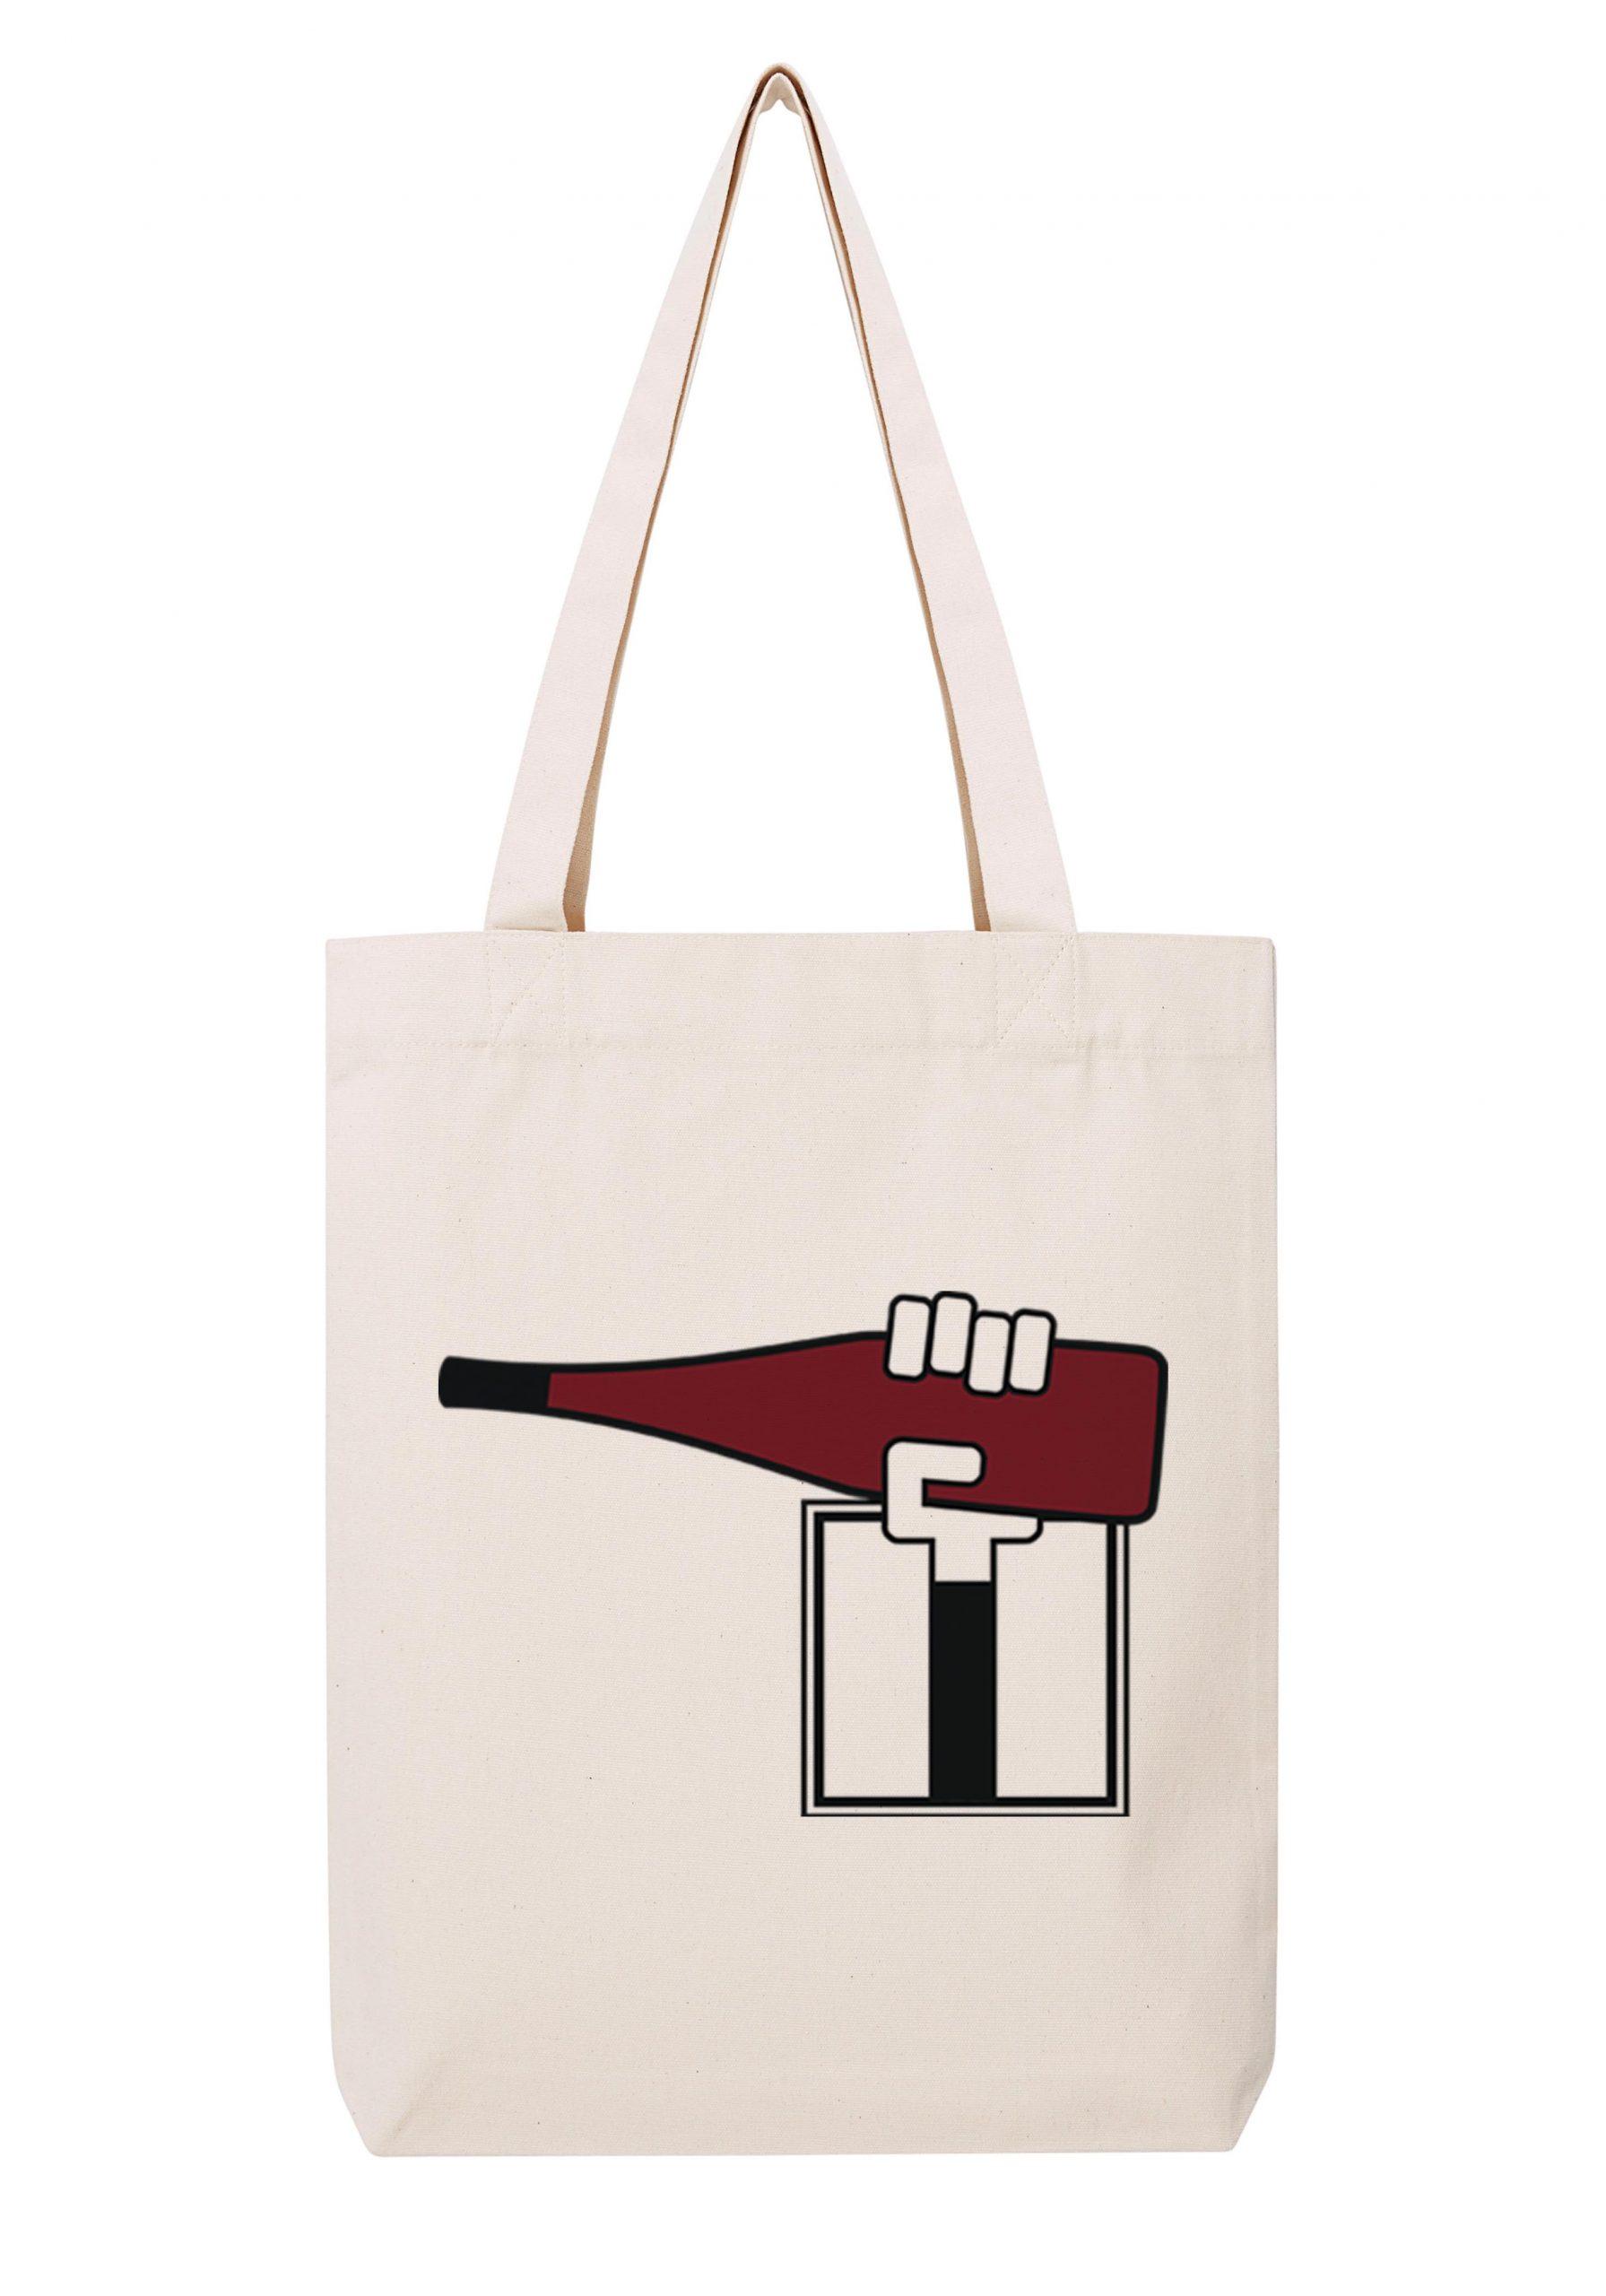 val de loire homme rouge sac coton tote bag bio bocavi du vin dans ta penderie bouteilles viticole vigneron wine